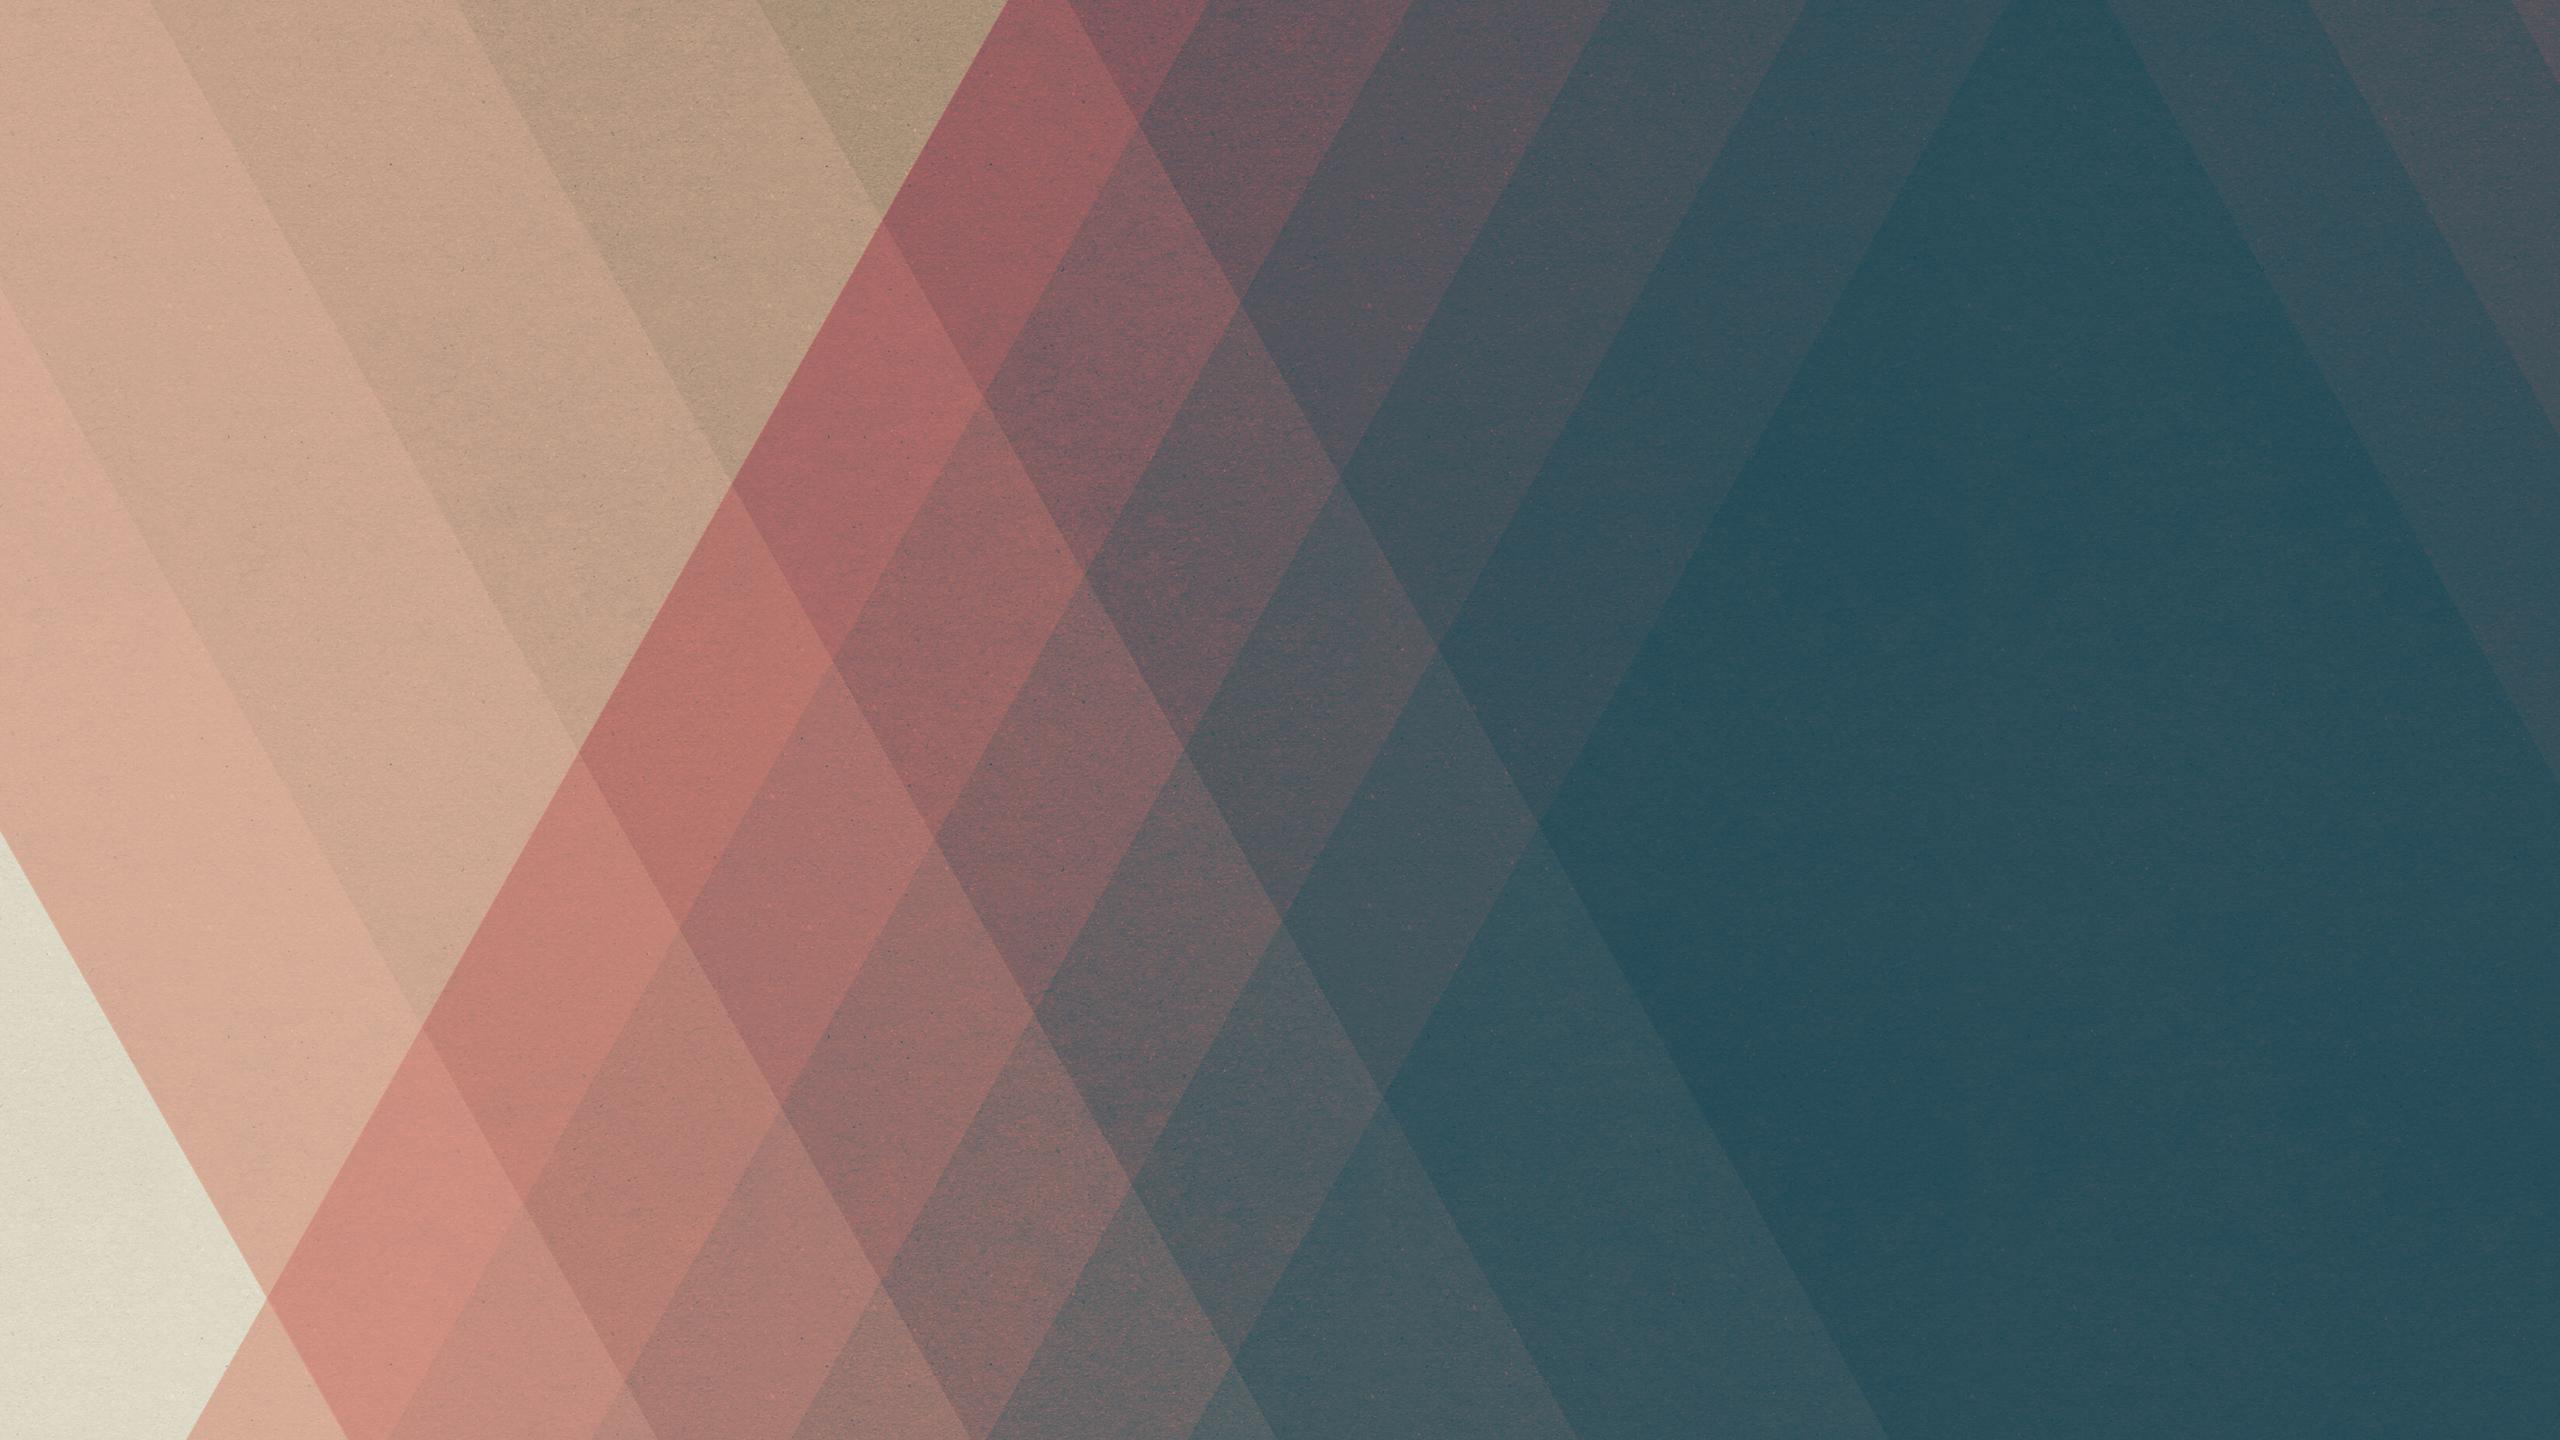 материальный дизайн горы коричнево-серый  № 3216629 бесплатно